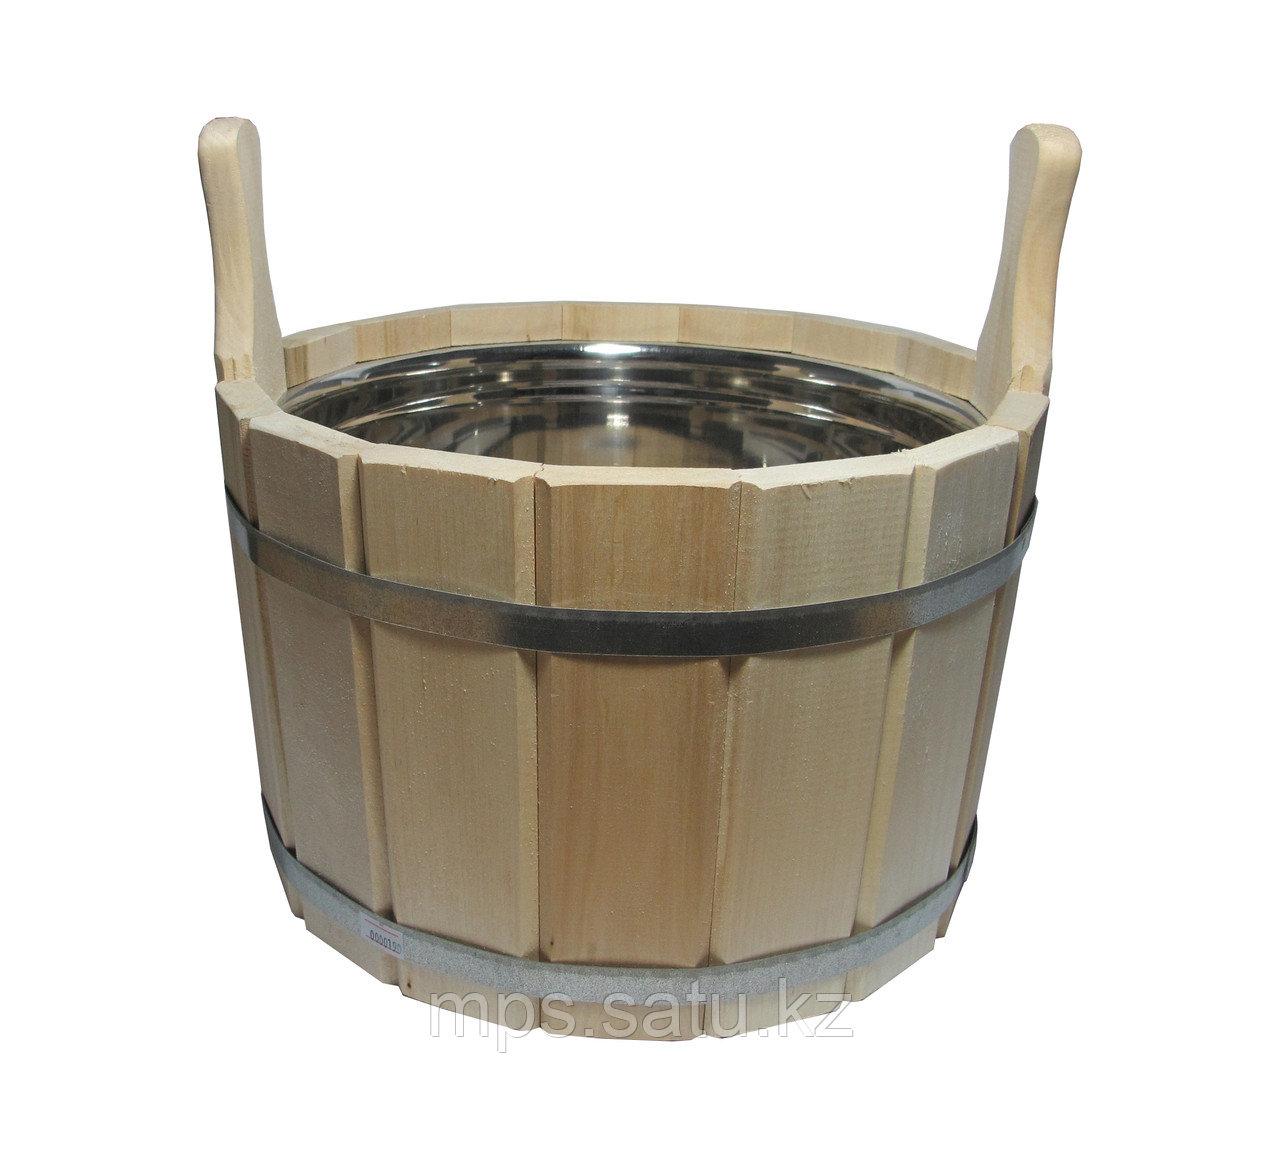 Печь для бани с теплообменником для воды